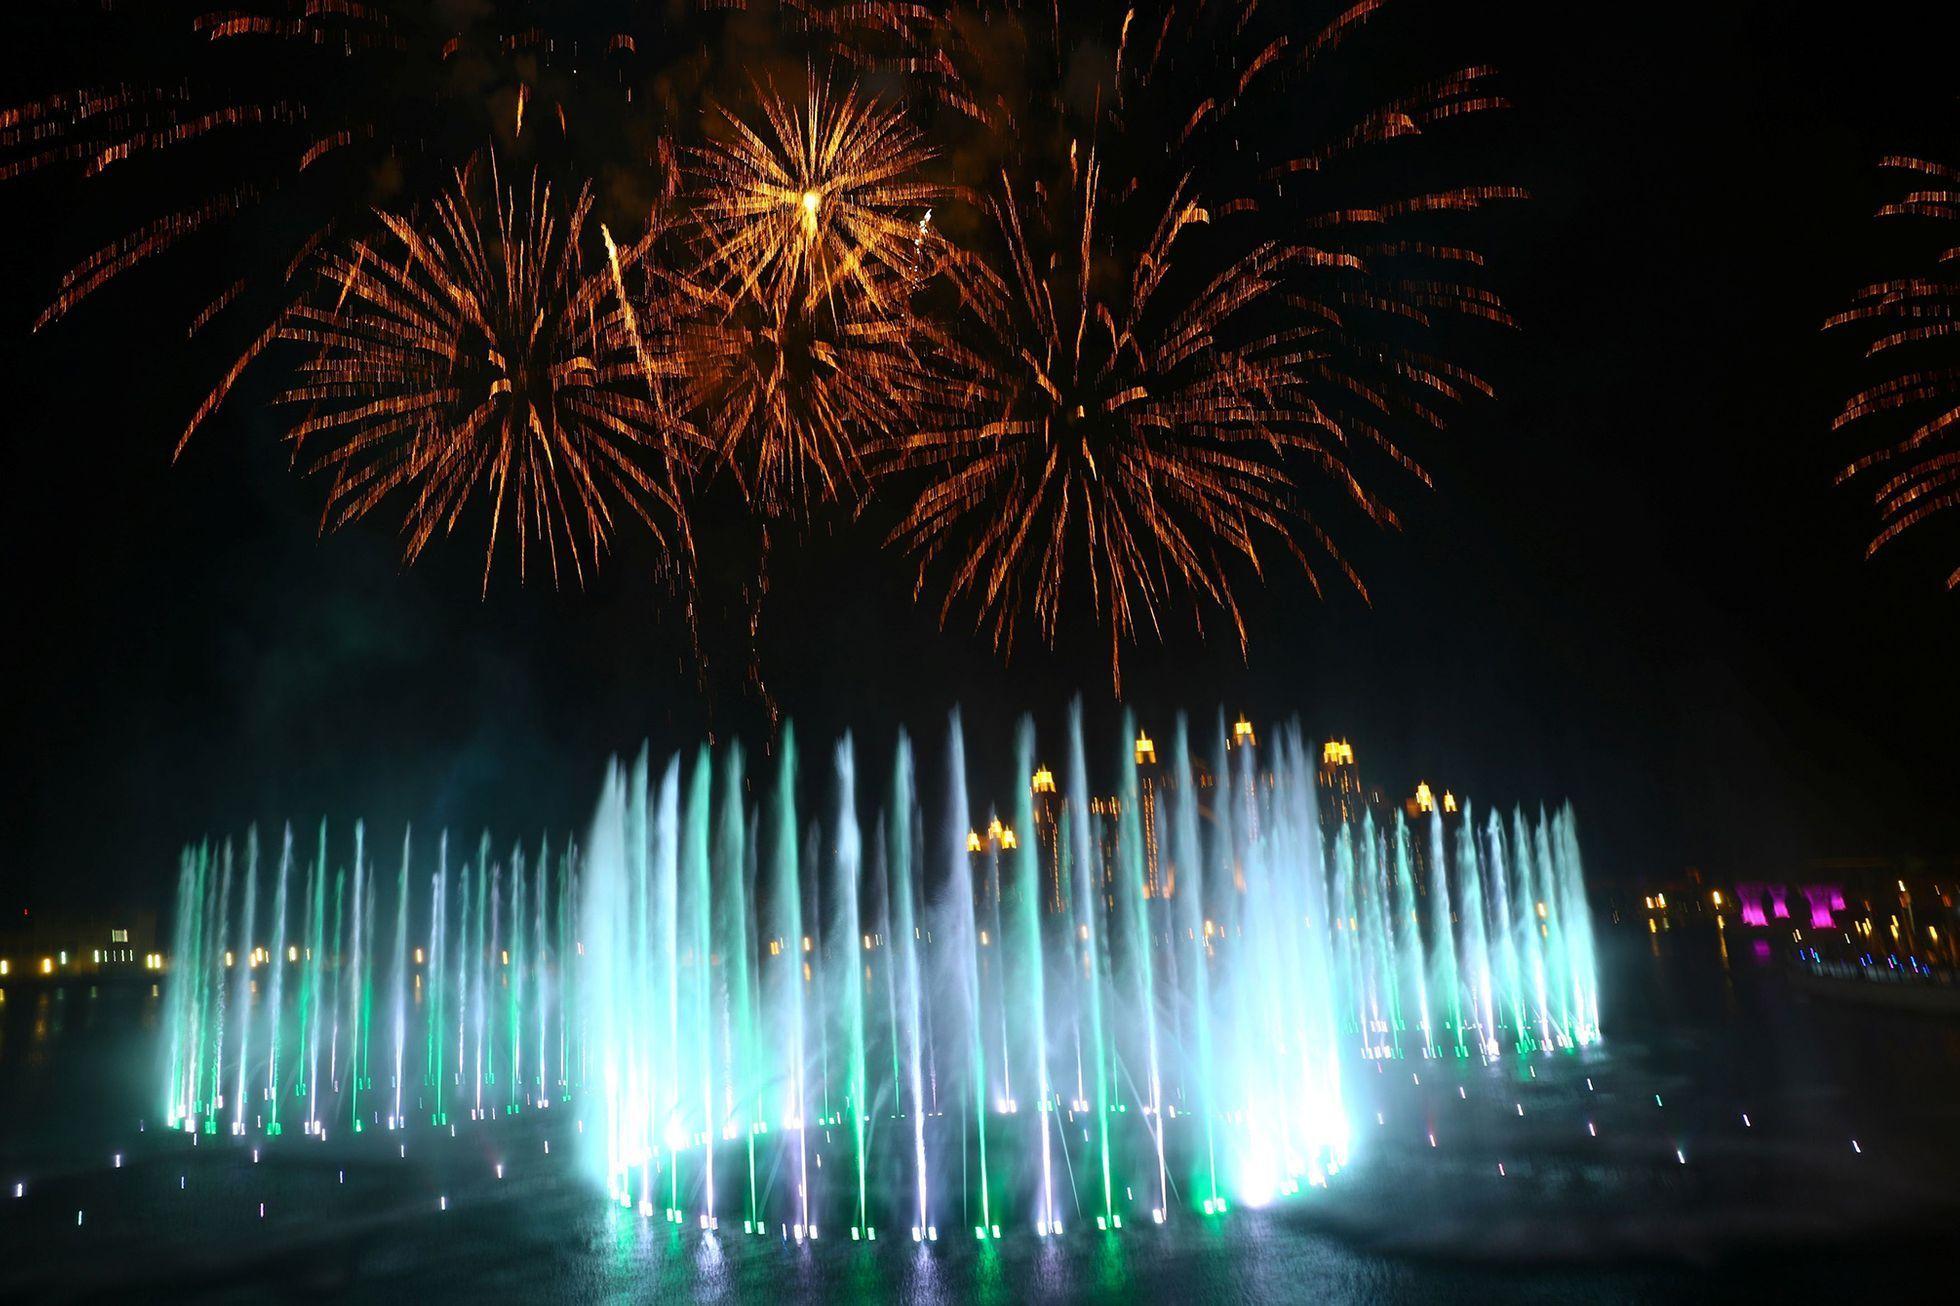 Foto: Dubaj má největší fontánu na světě, zapsali ji do Guinnessovy knihy  rekordů - Aktuálně.cz